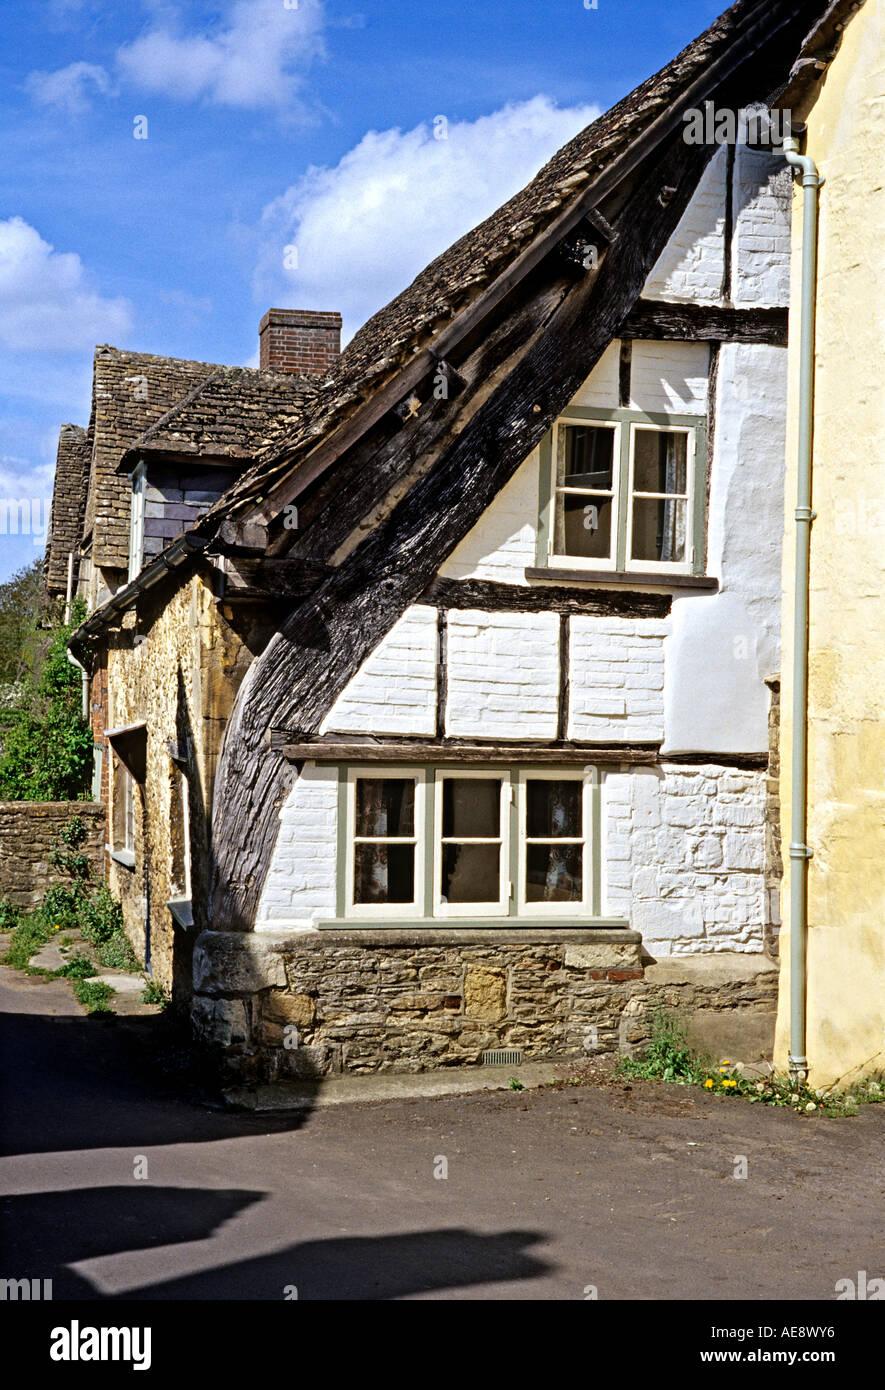 Seltene ausgesetzt teilweise Cruck Frame am Ende einer Periode Hütte in Lacock Chippenham, Wiltshire UK Stockbild